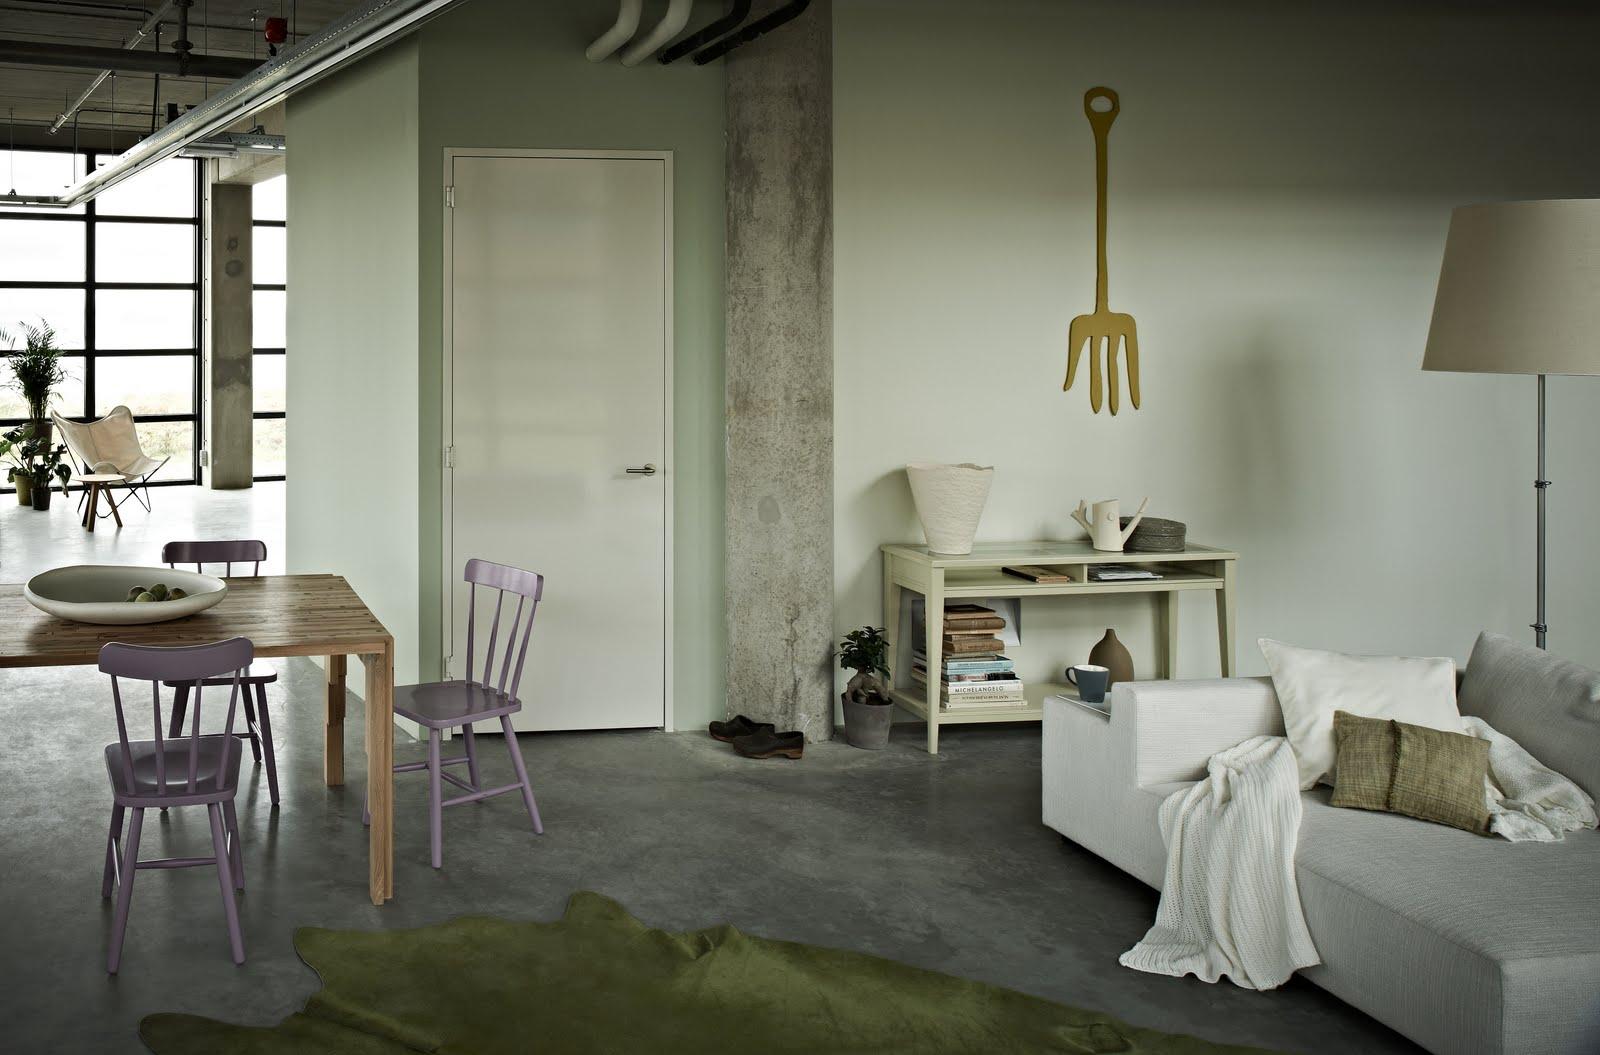 Kleurenpalet paars groen oker grijs villa d 39 esta for Bruin grijs interieur